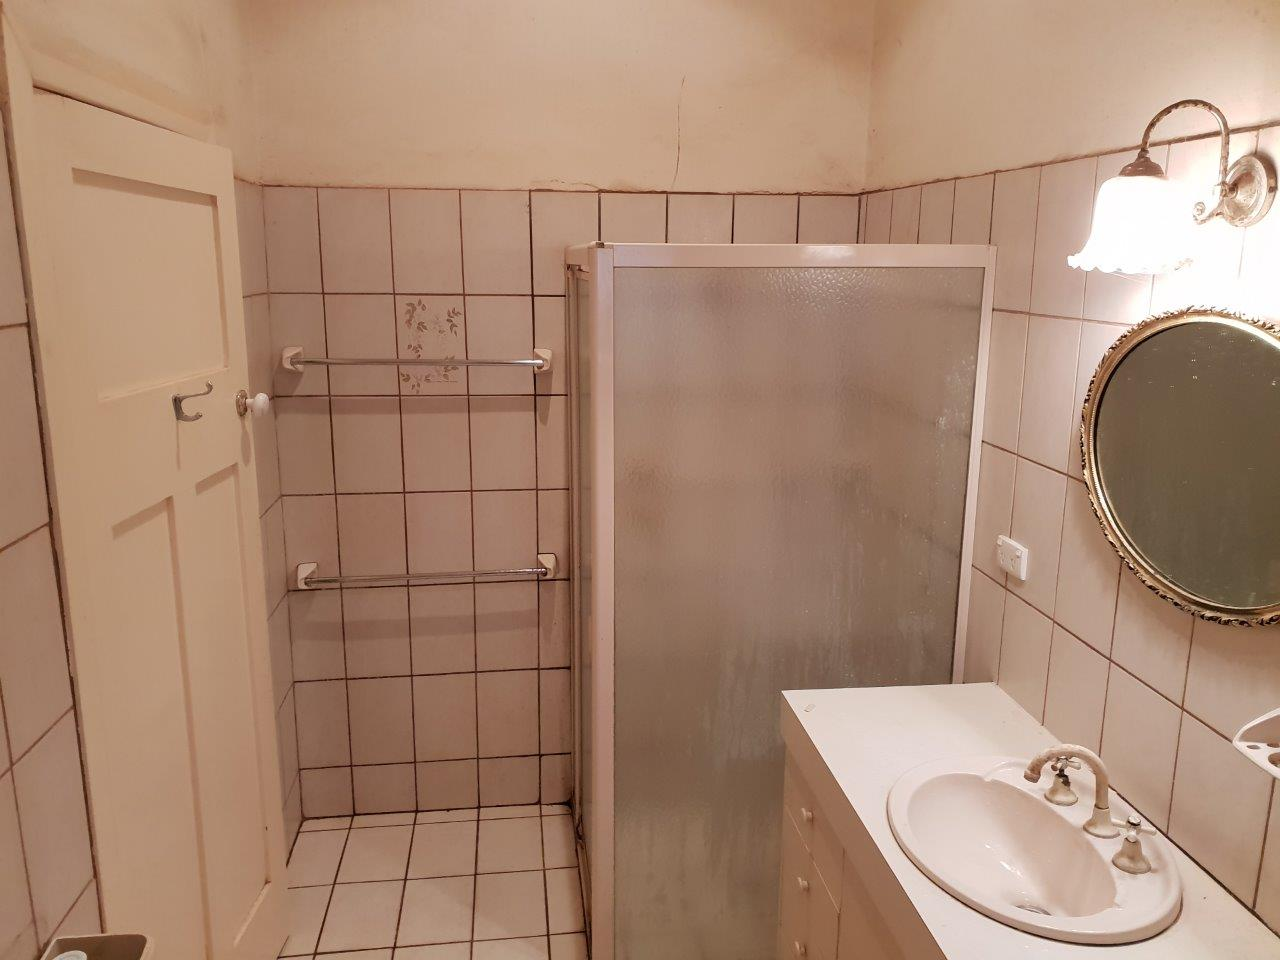 BathroomrenovationinAdelaidePlains_before2.jpg